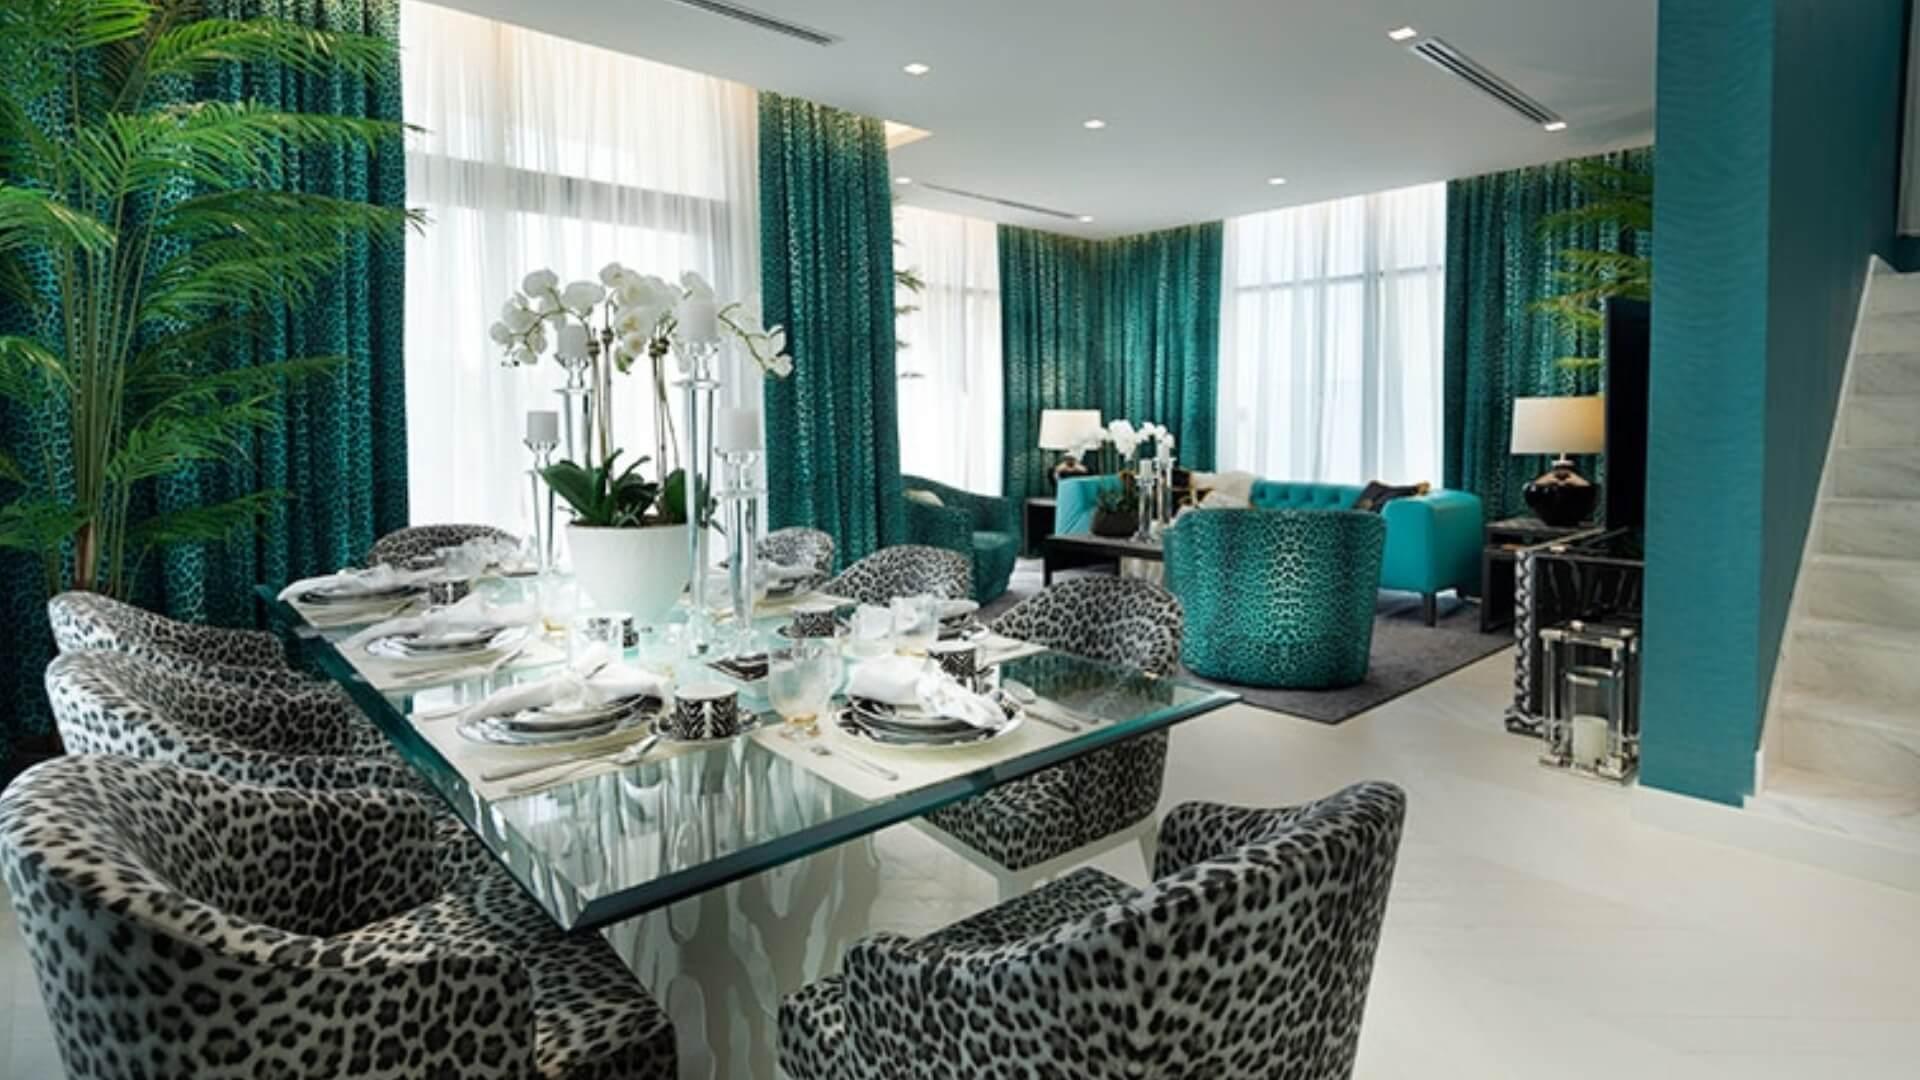 Villa en venta en Dubai, EAU, 3 dormitorios, 270 m2, № 24498 – foto 6